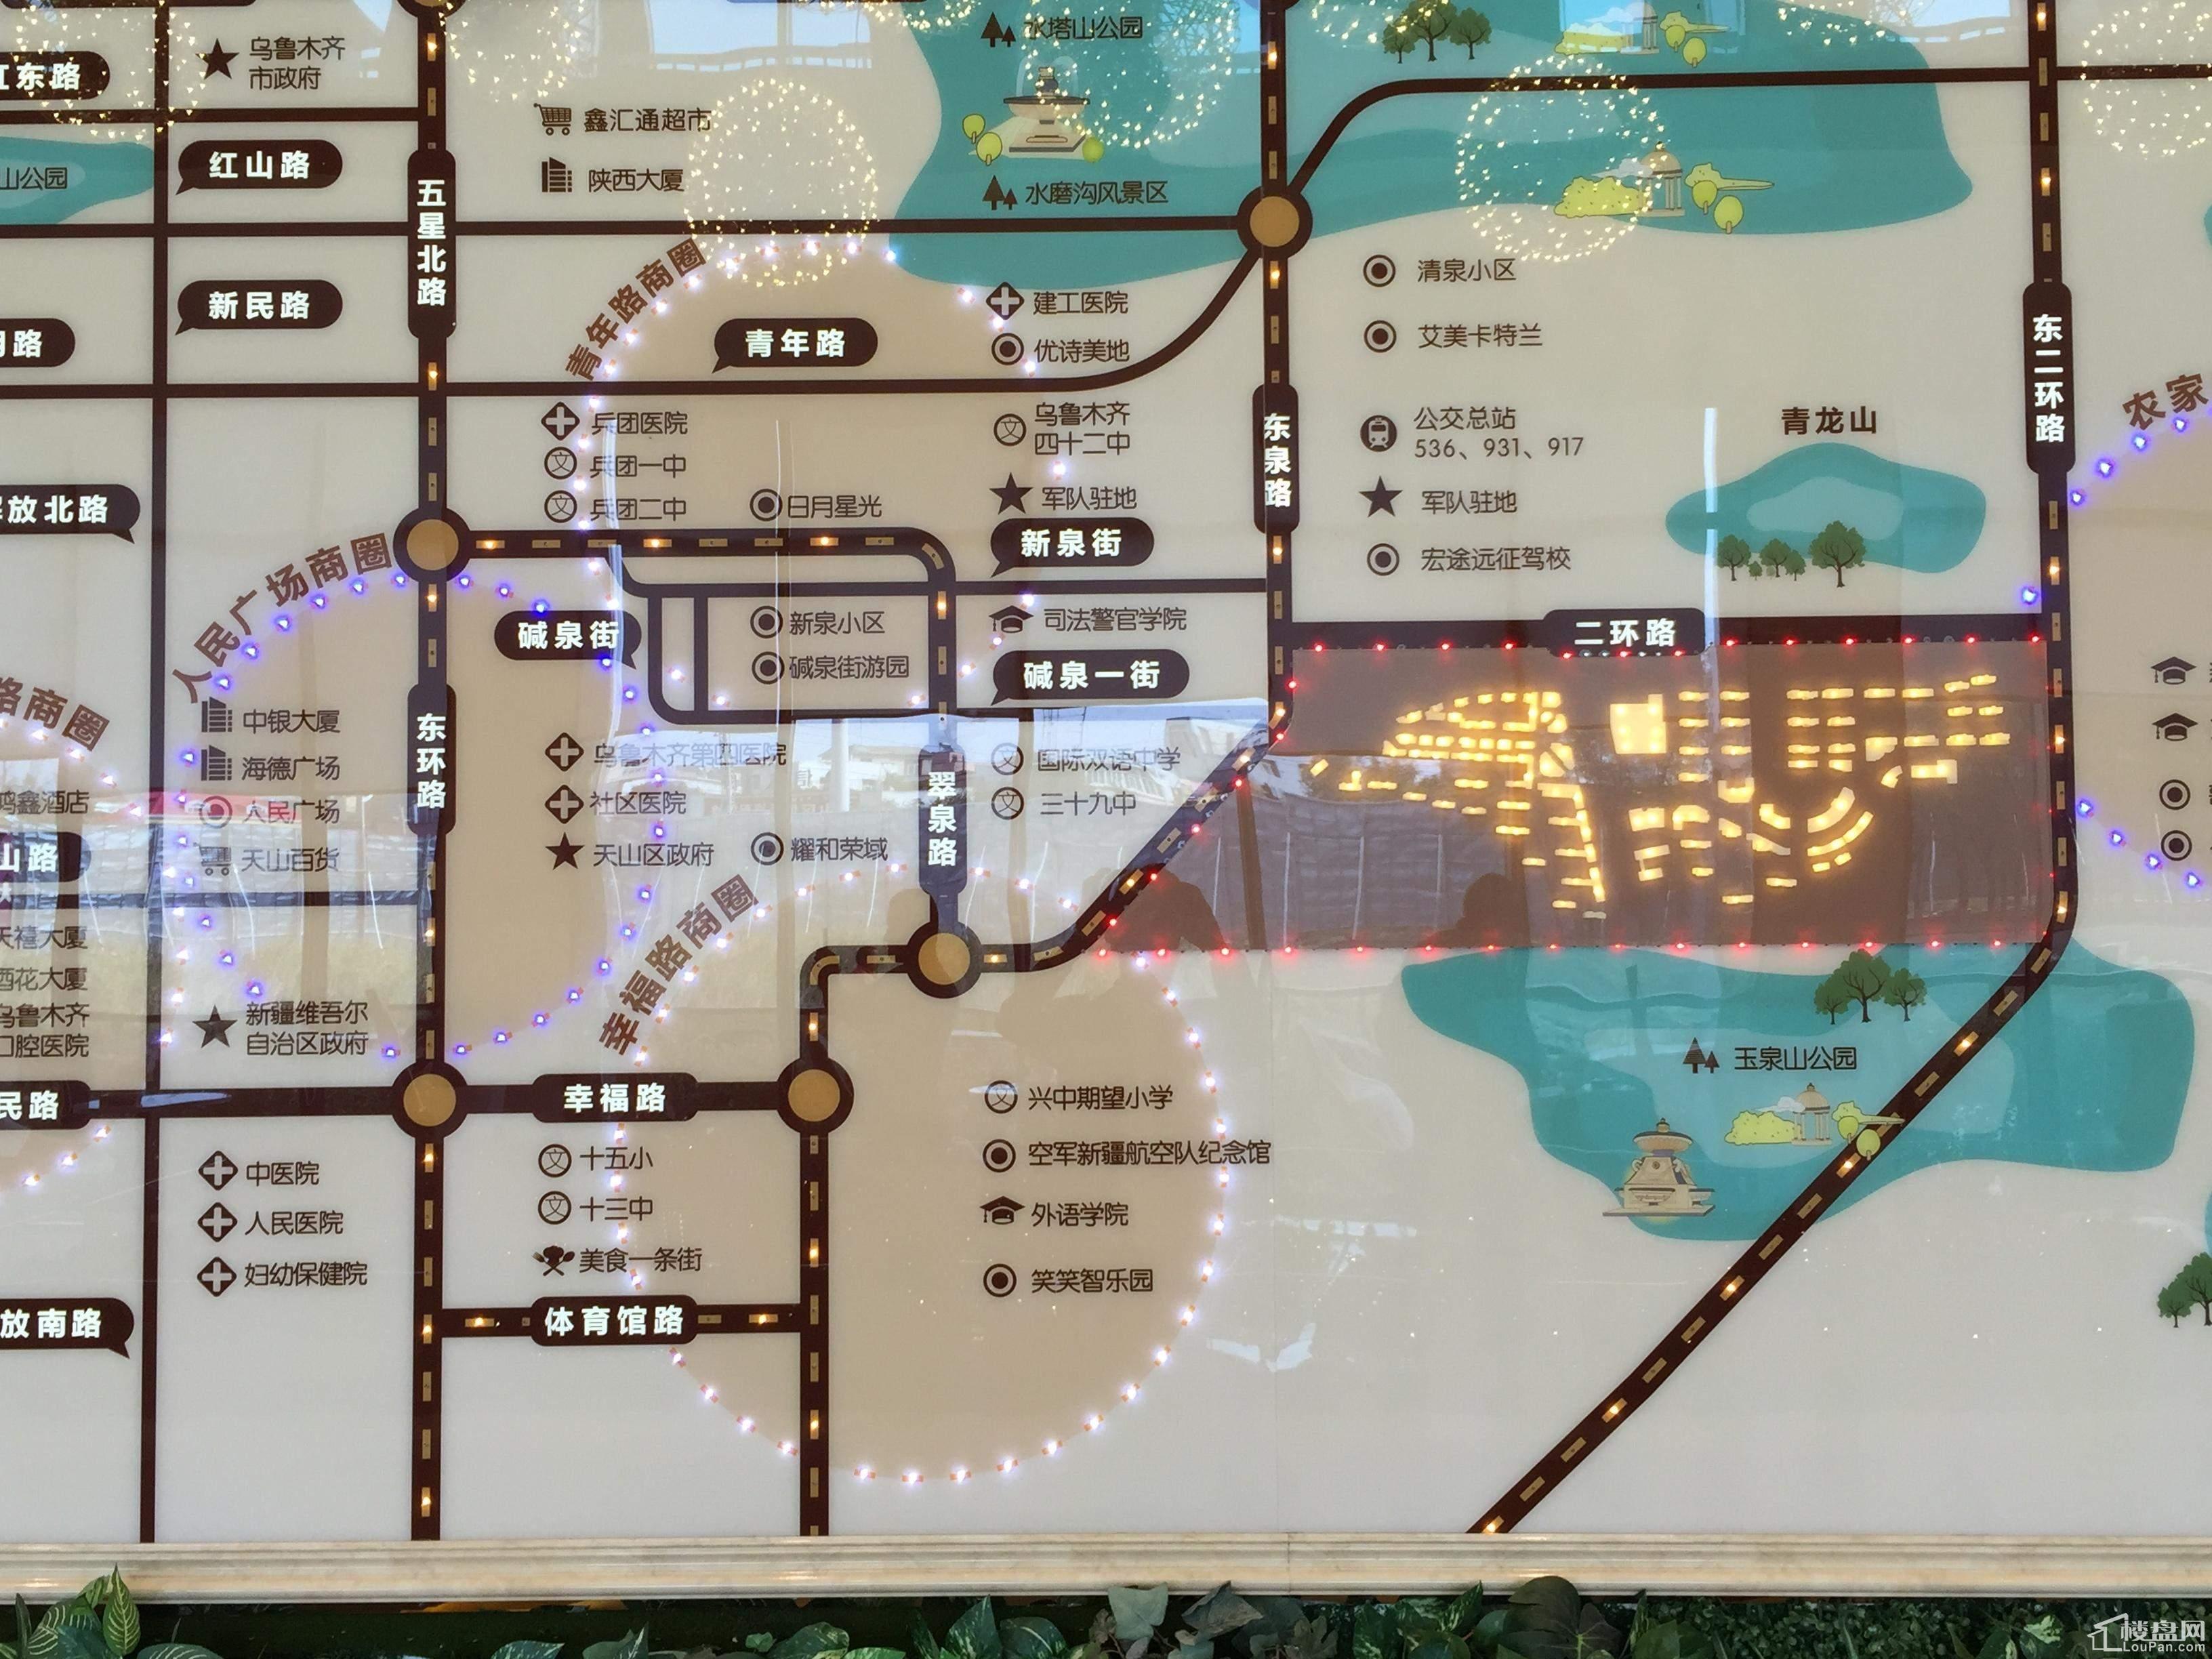 世界冠郡位置图